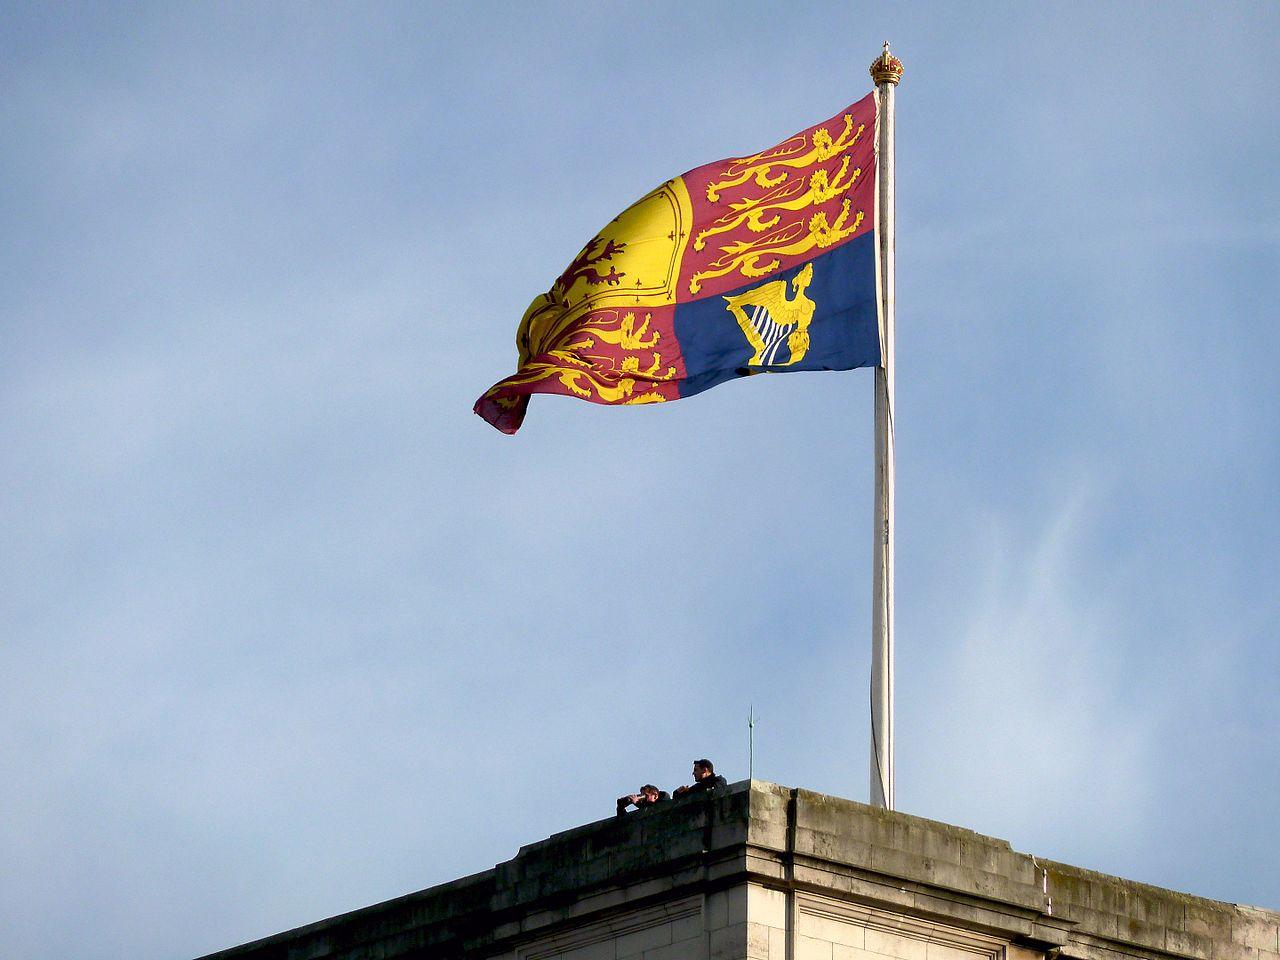 พระราชวังบักกิงแฮม-ธงประจำพระองค์